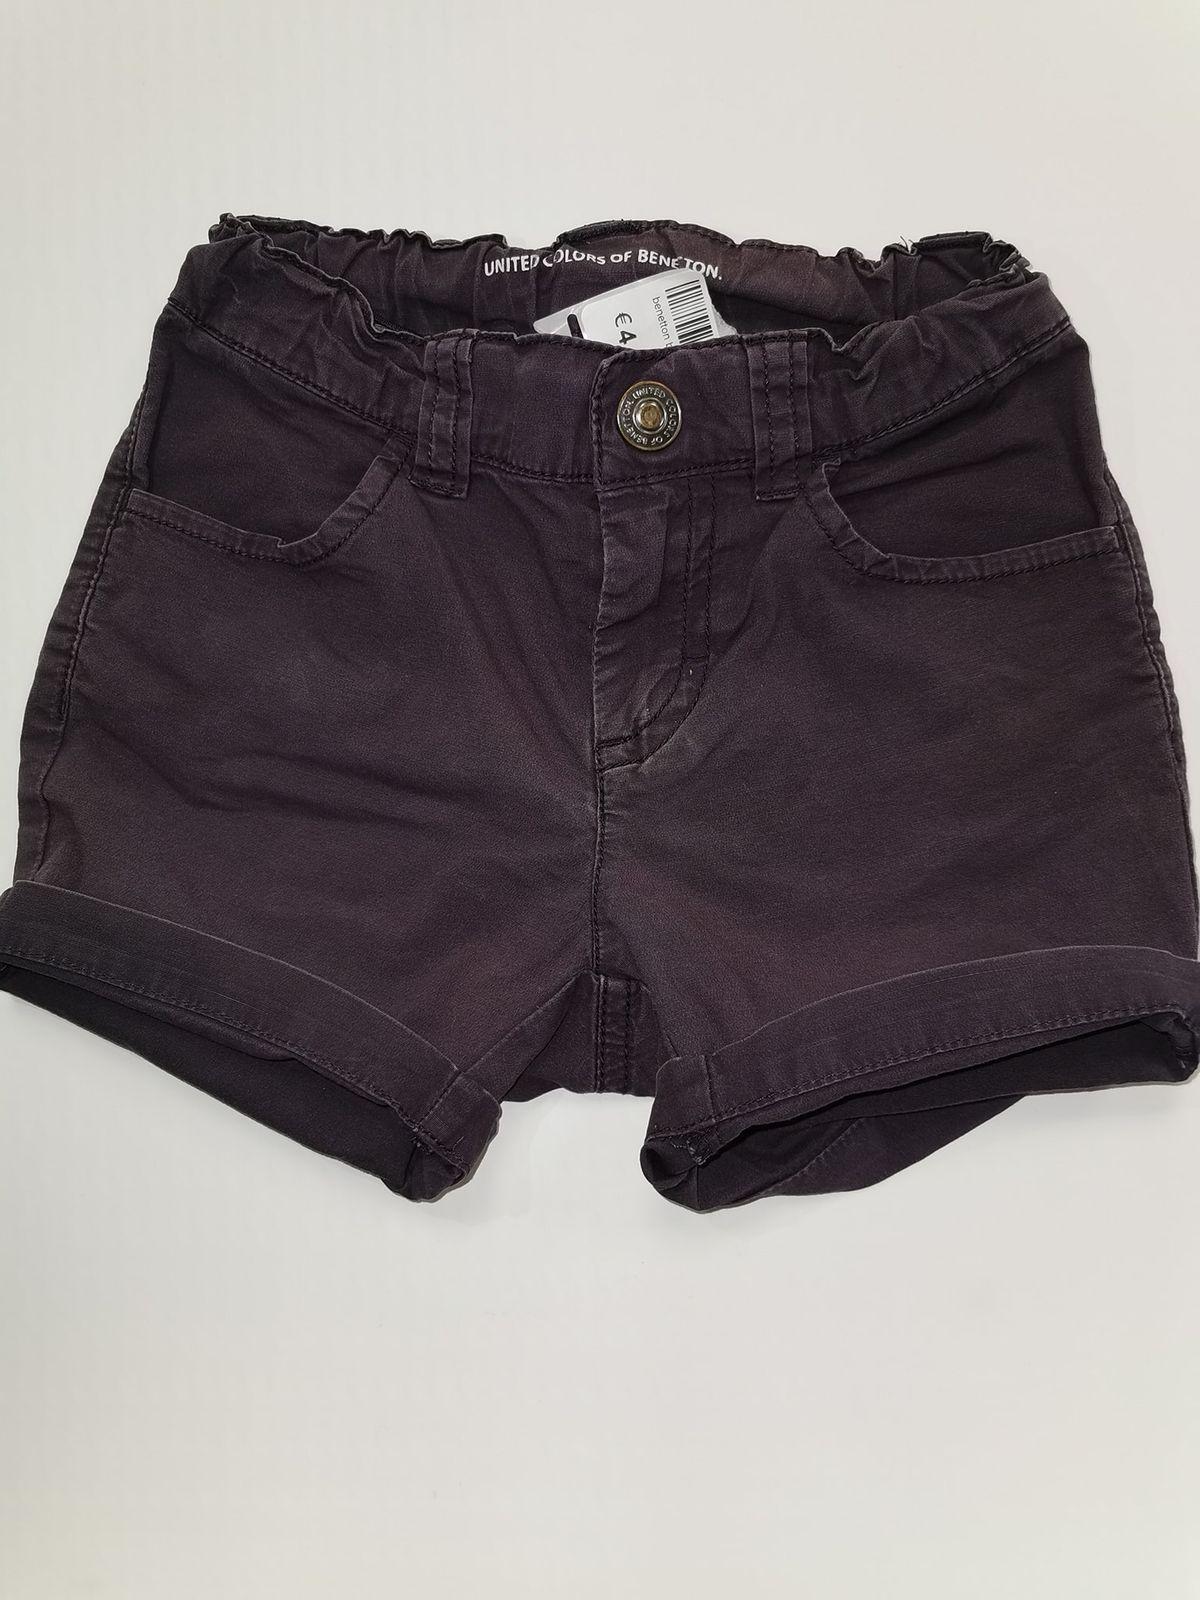 Pantaloncino 2/3 anni codice 4163 Bellissimo color prigna/melanzana Euro 4,90